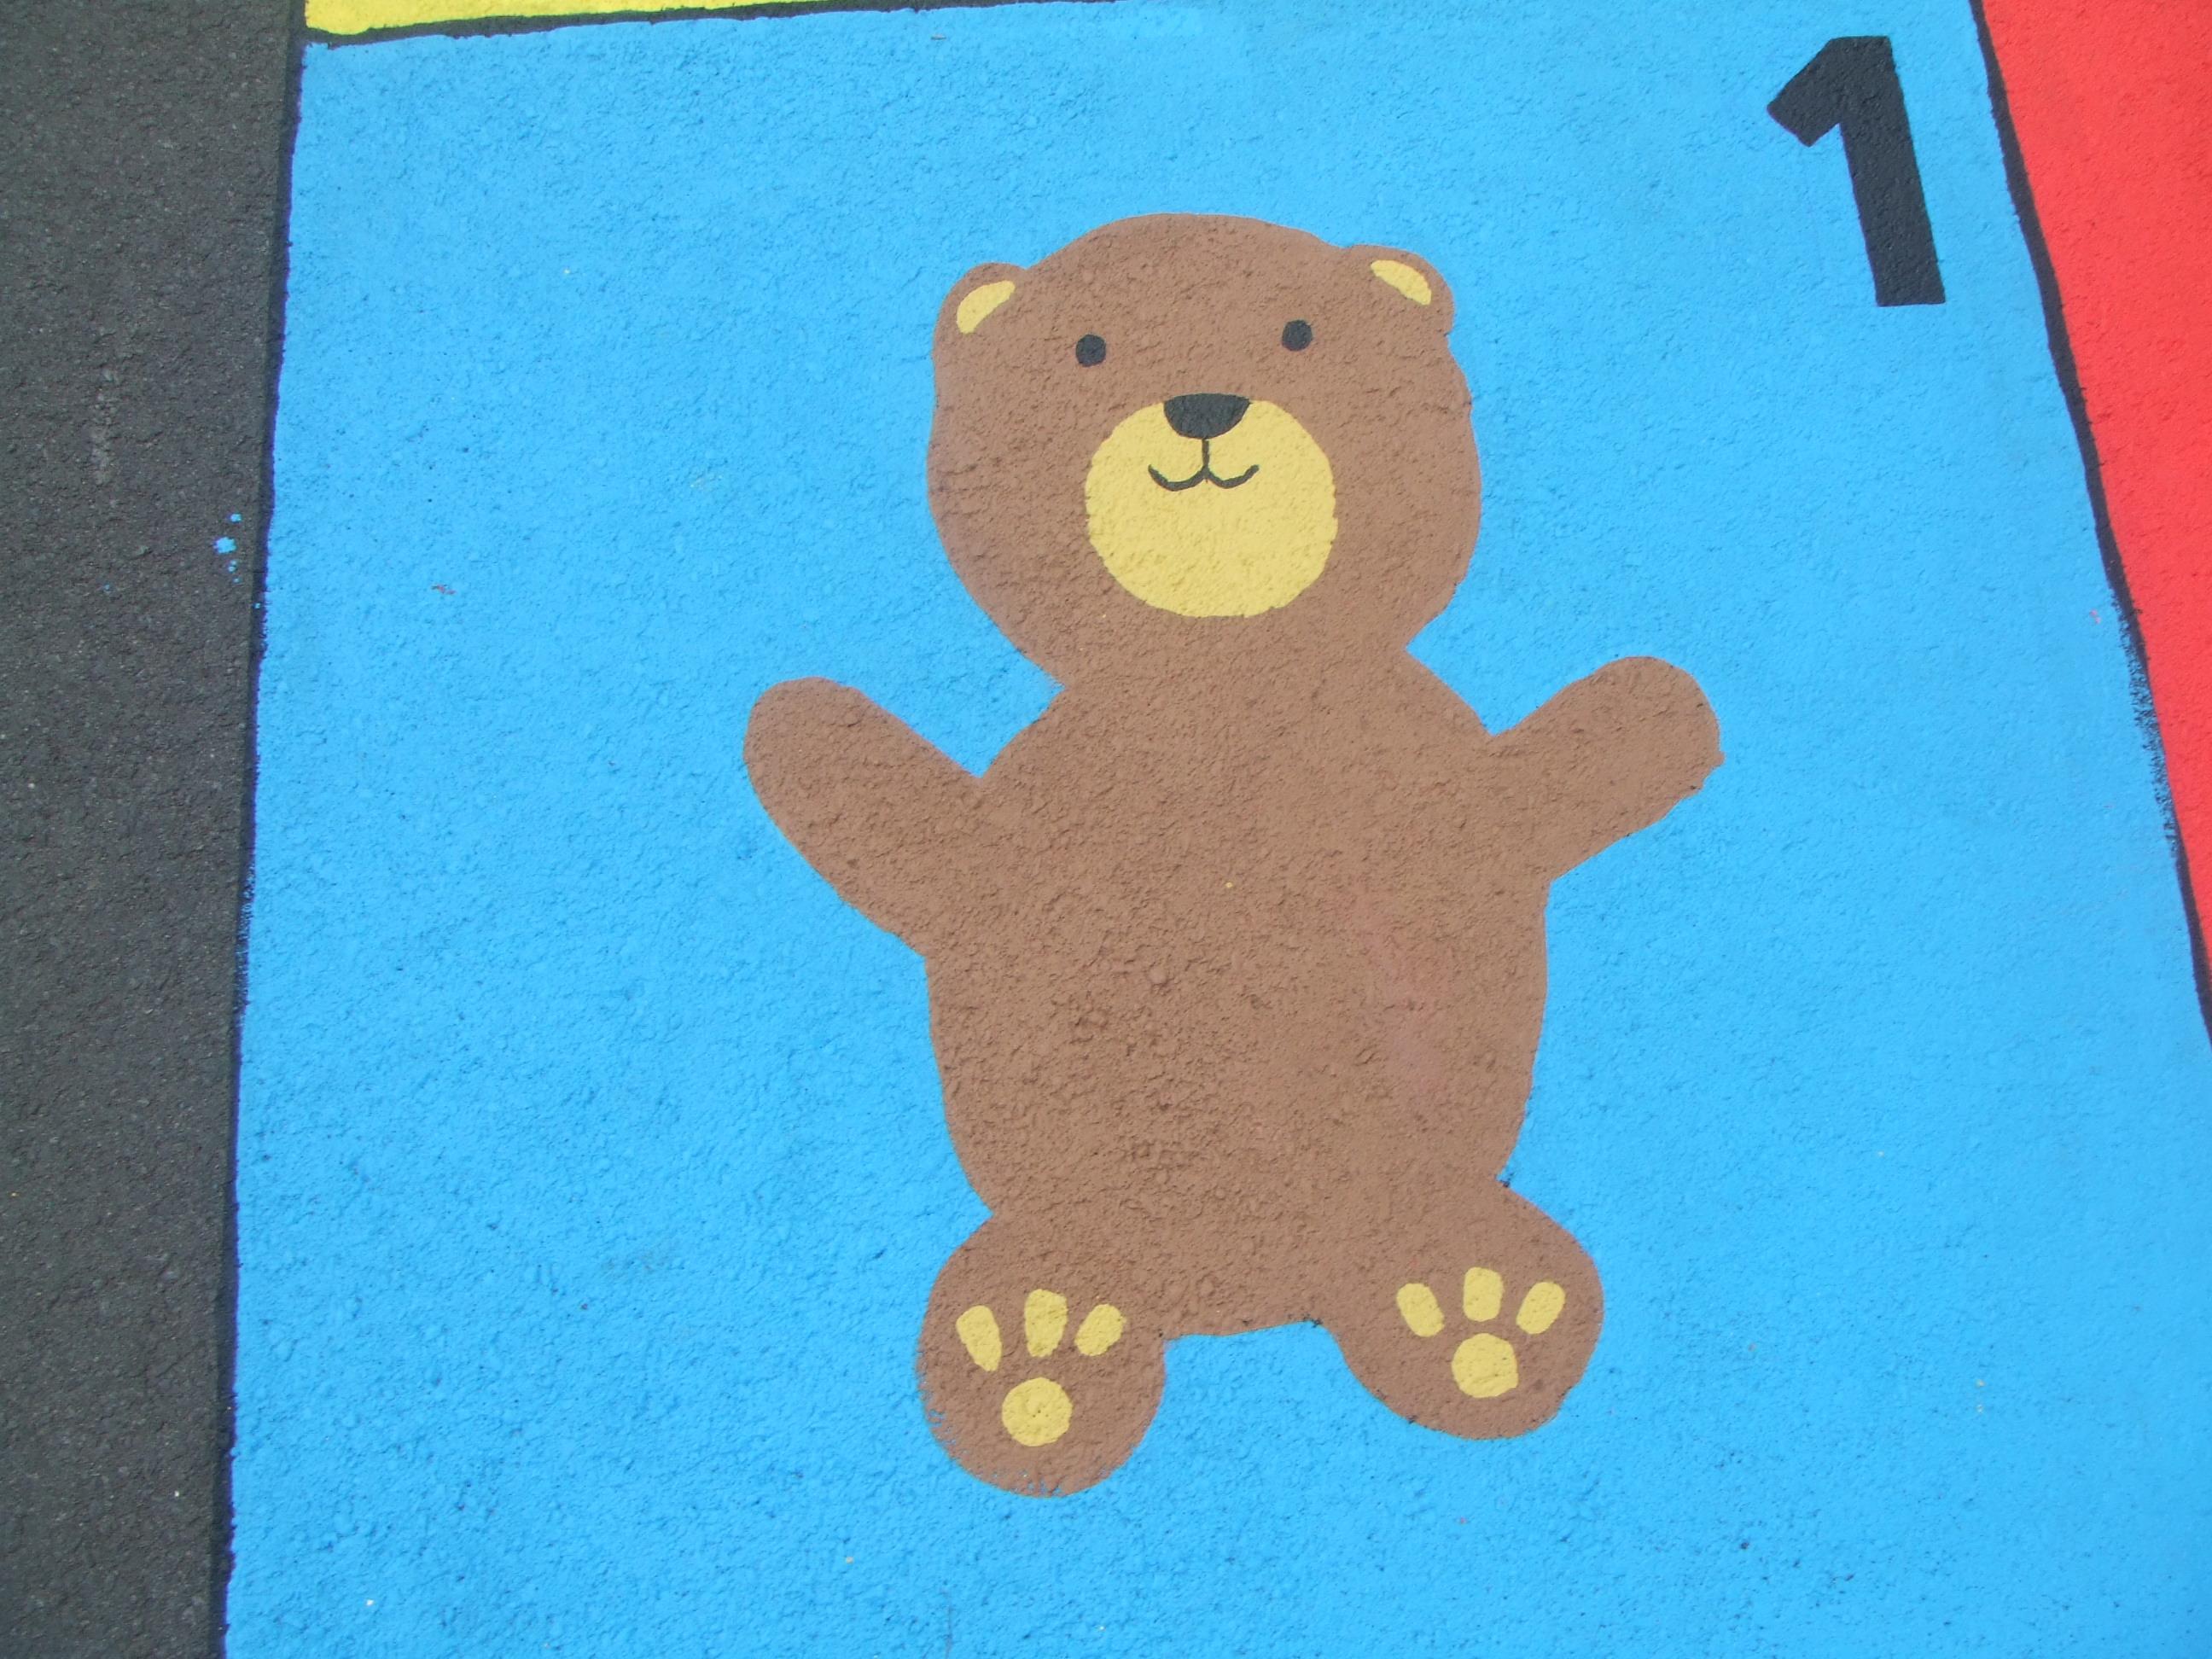 1. TEDDY BEAR